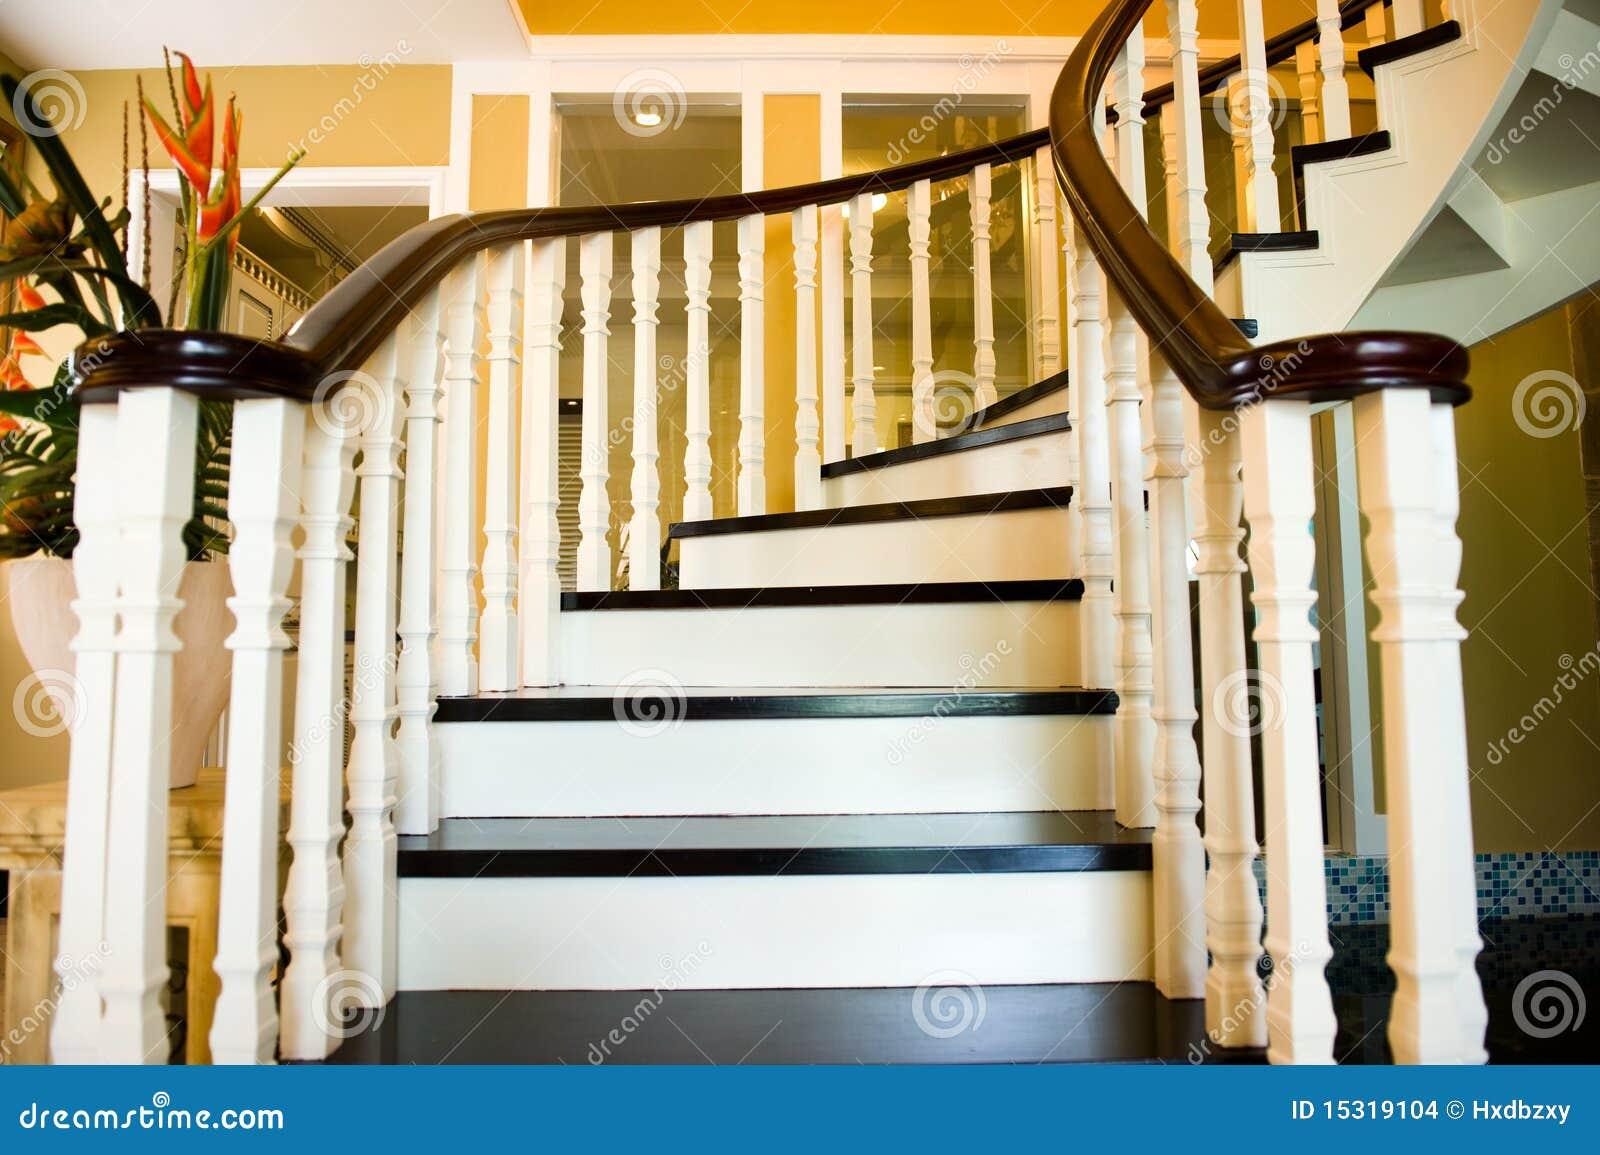 treppen stockfoto. bild von ansicht, farbe, innen, planken - 15319104